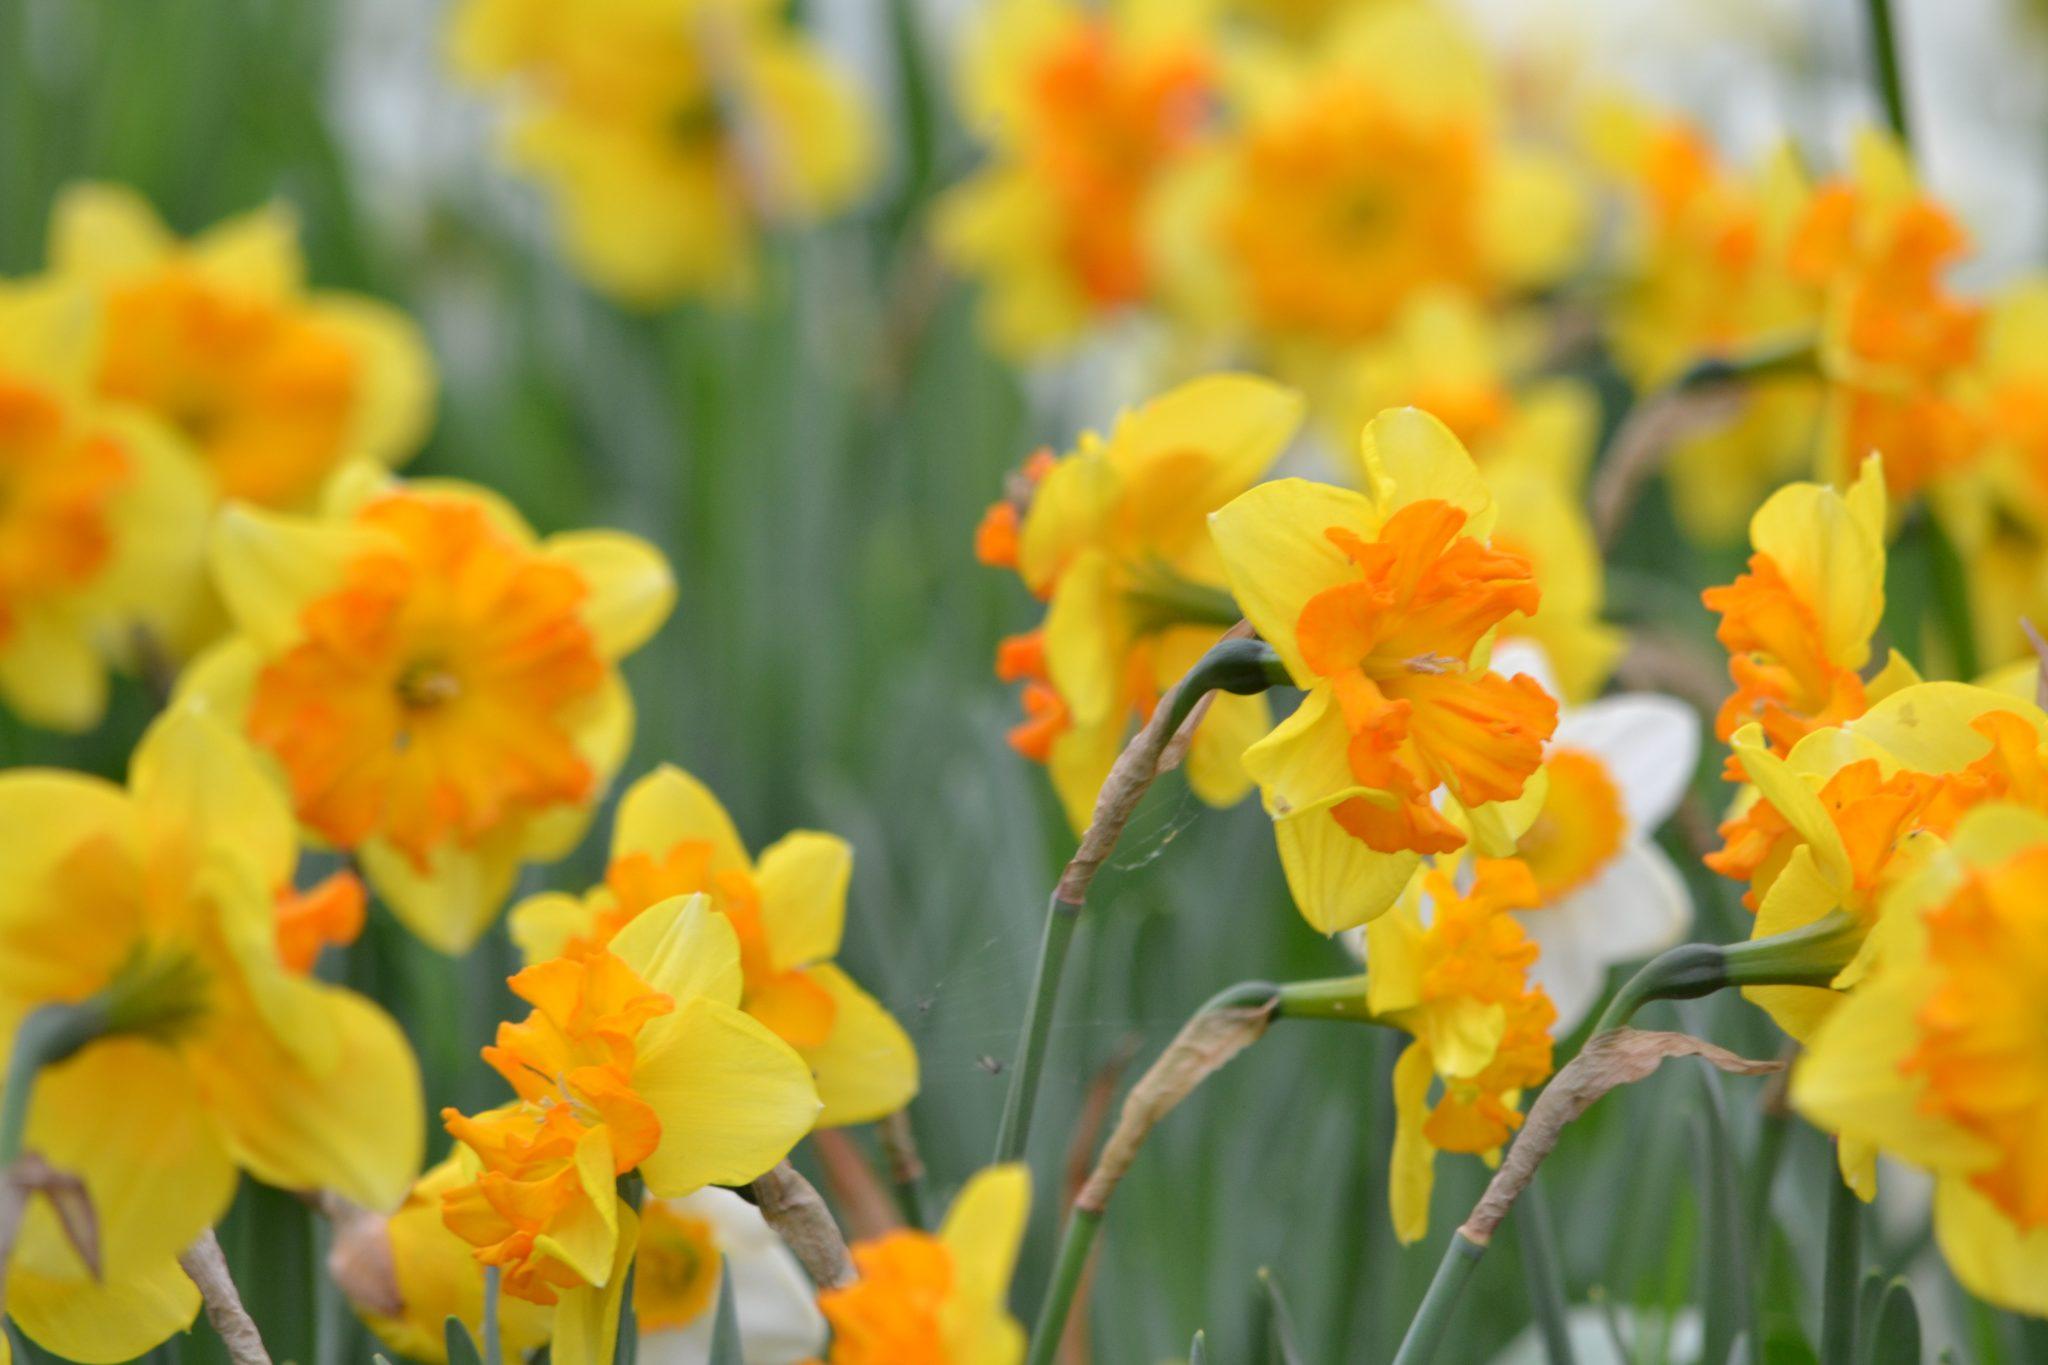 Miltä kevät tuntuu ja näyttää senioreiden näkökulmasta?